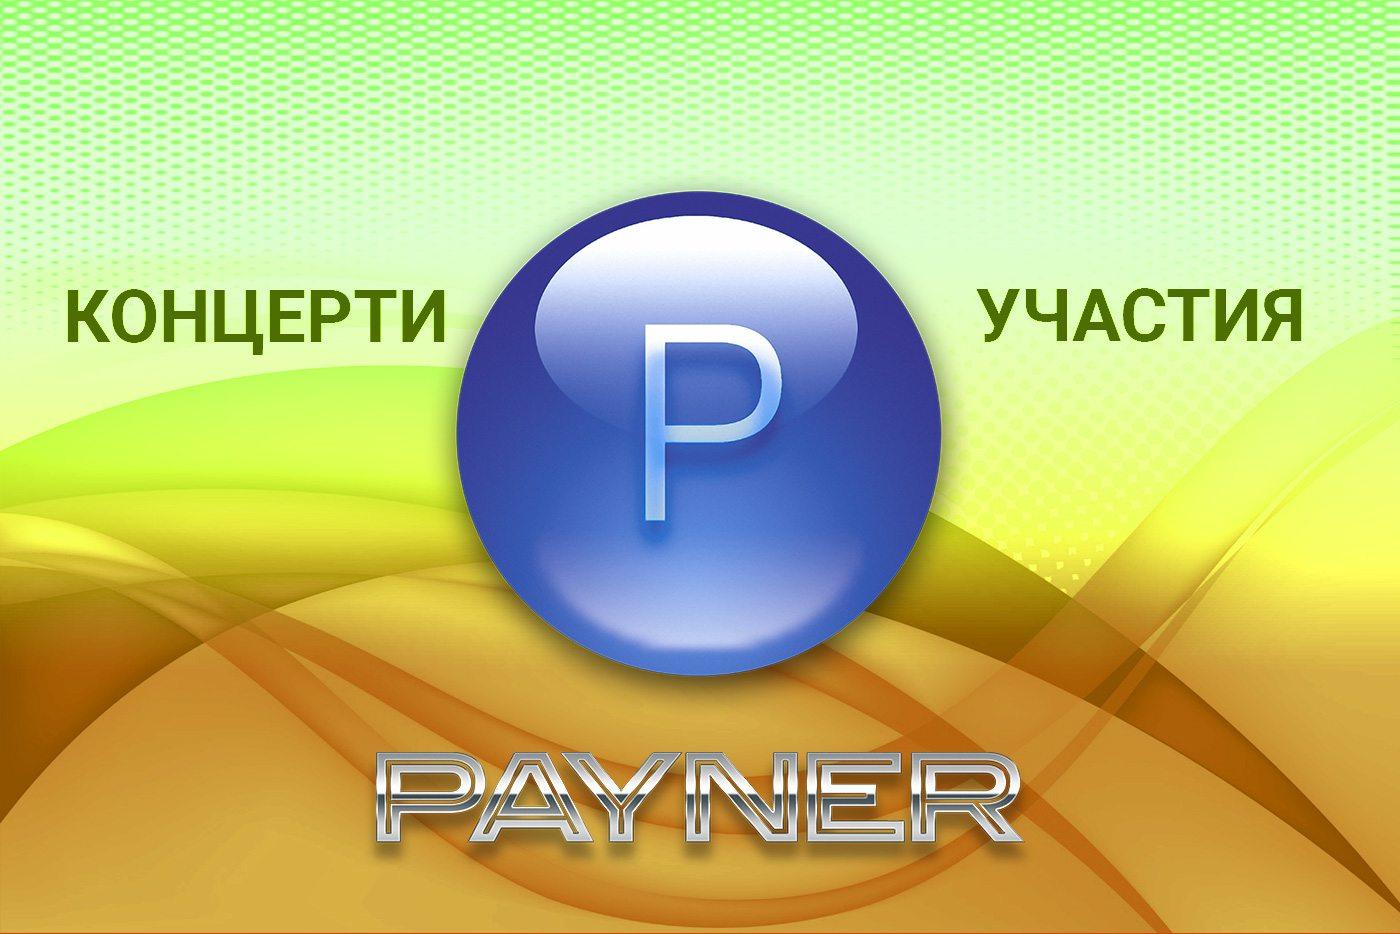 """Участия на звездите на """"Пайнер"""" на 16.12.2018"""